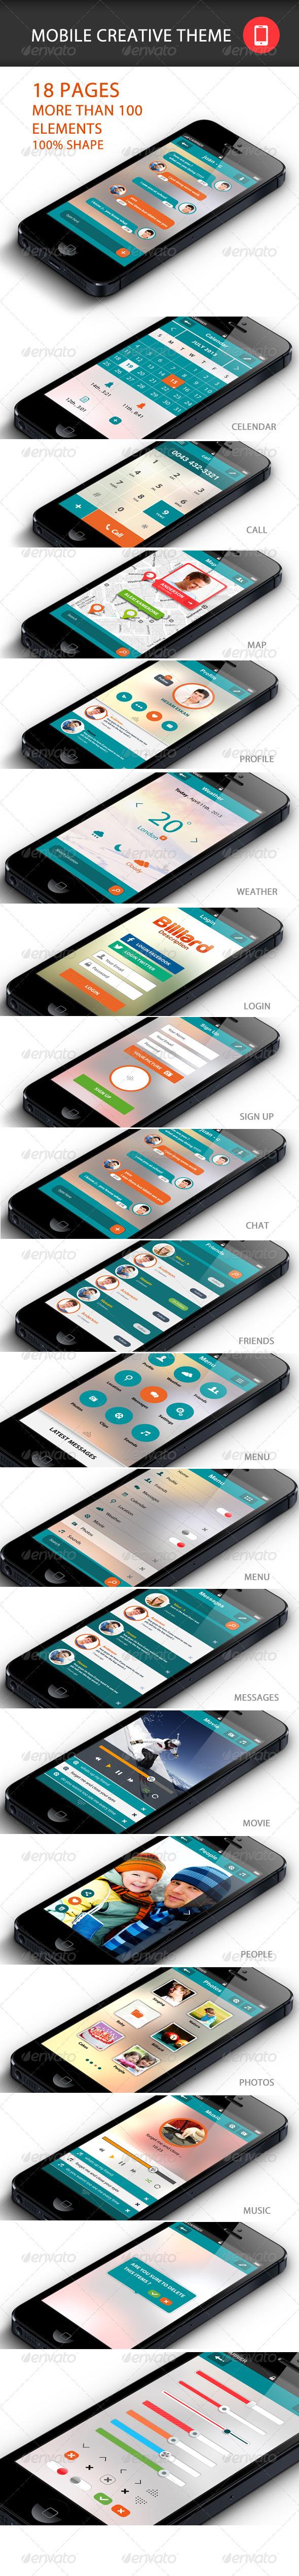 GraphicRiver Mobile Creative APP Theme 5614189